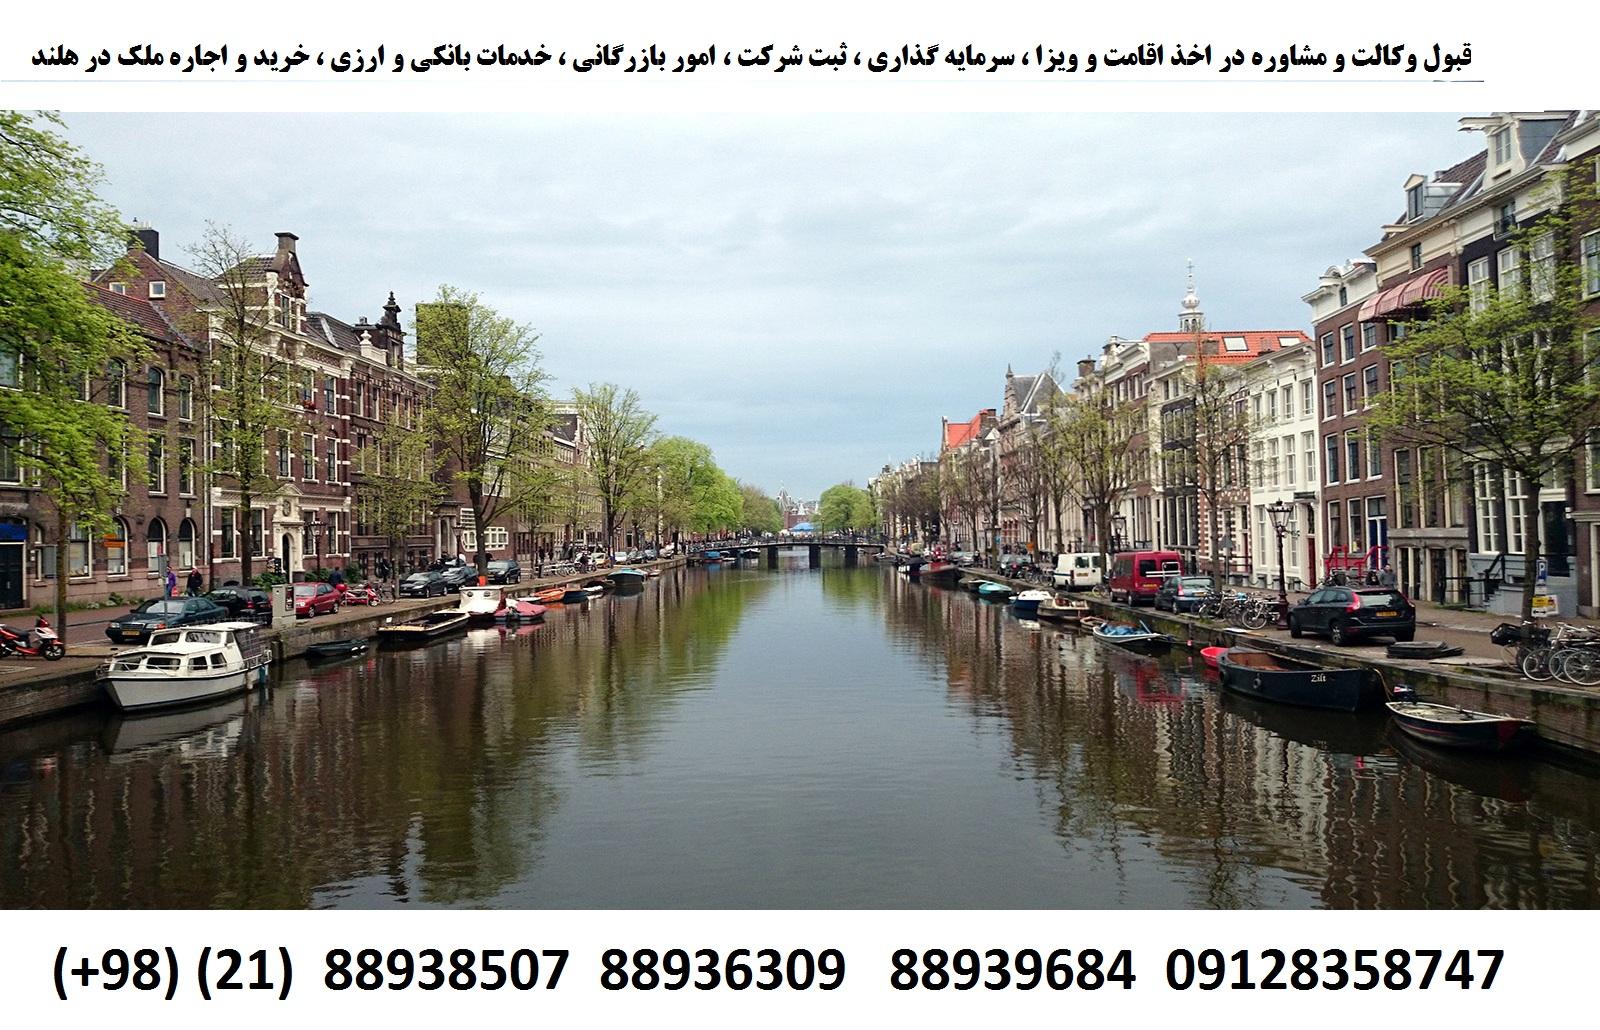 اقامت ، ویزا ، ثبت شرکت ، سرمایه گذاری در هلند (2)